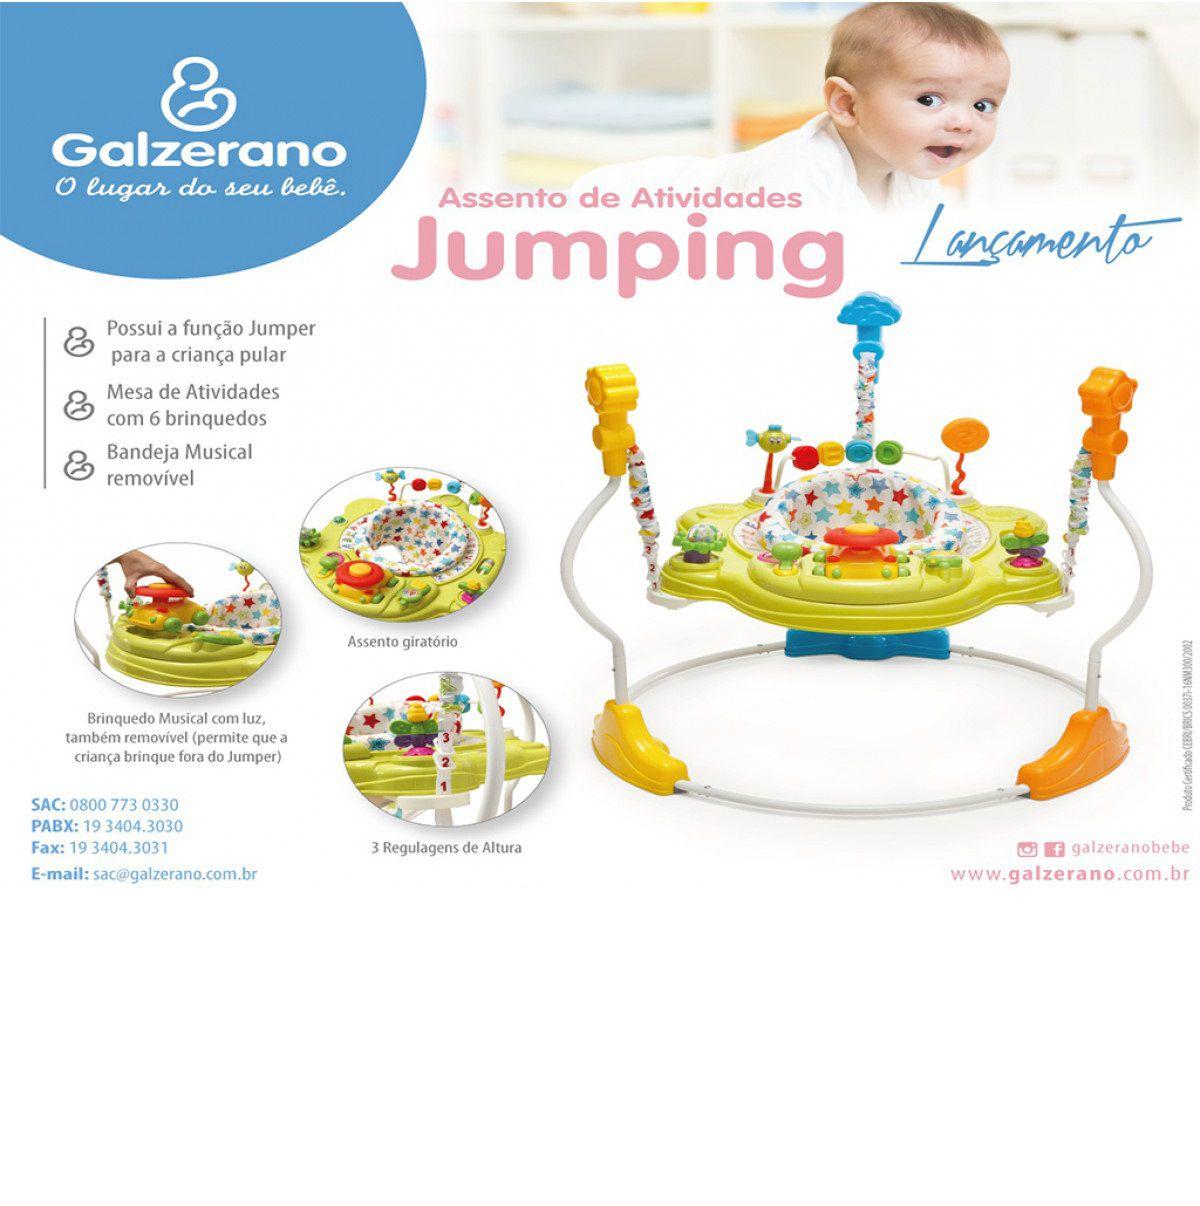 Centro de Atividades Multifunções Jumping - Galzerano